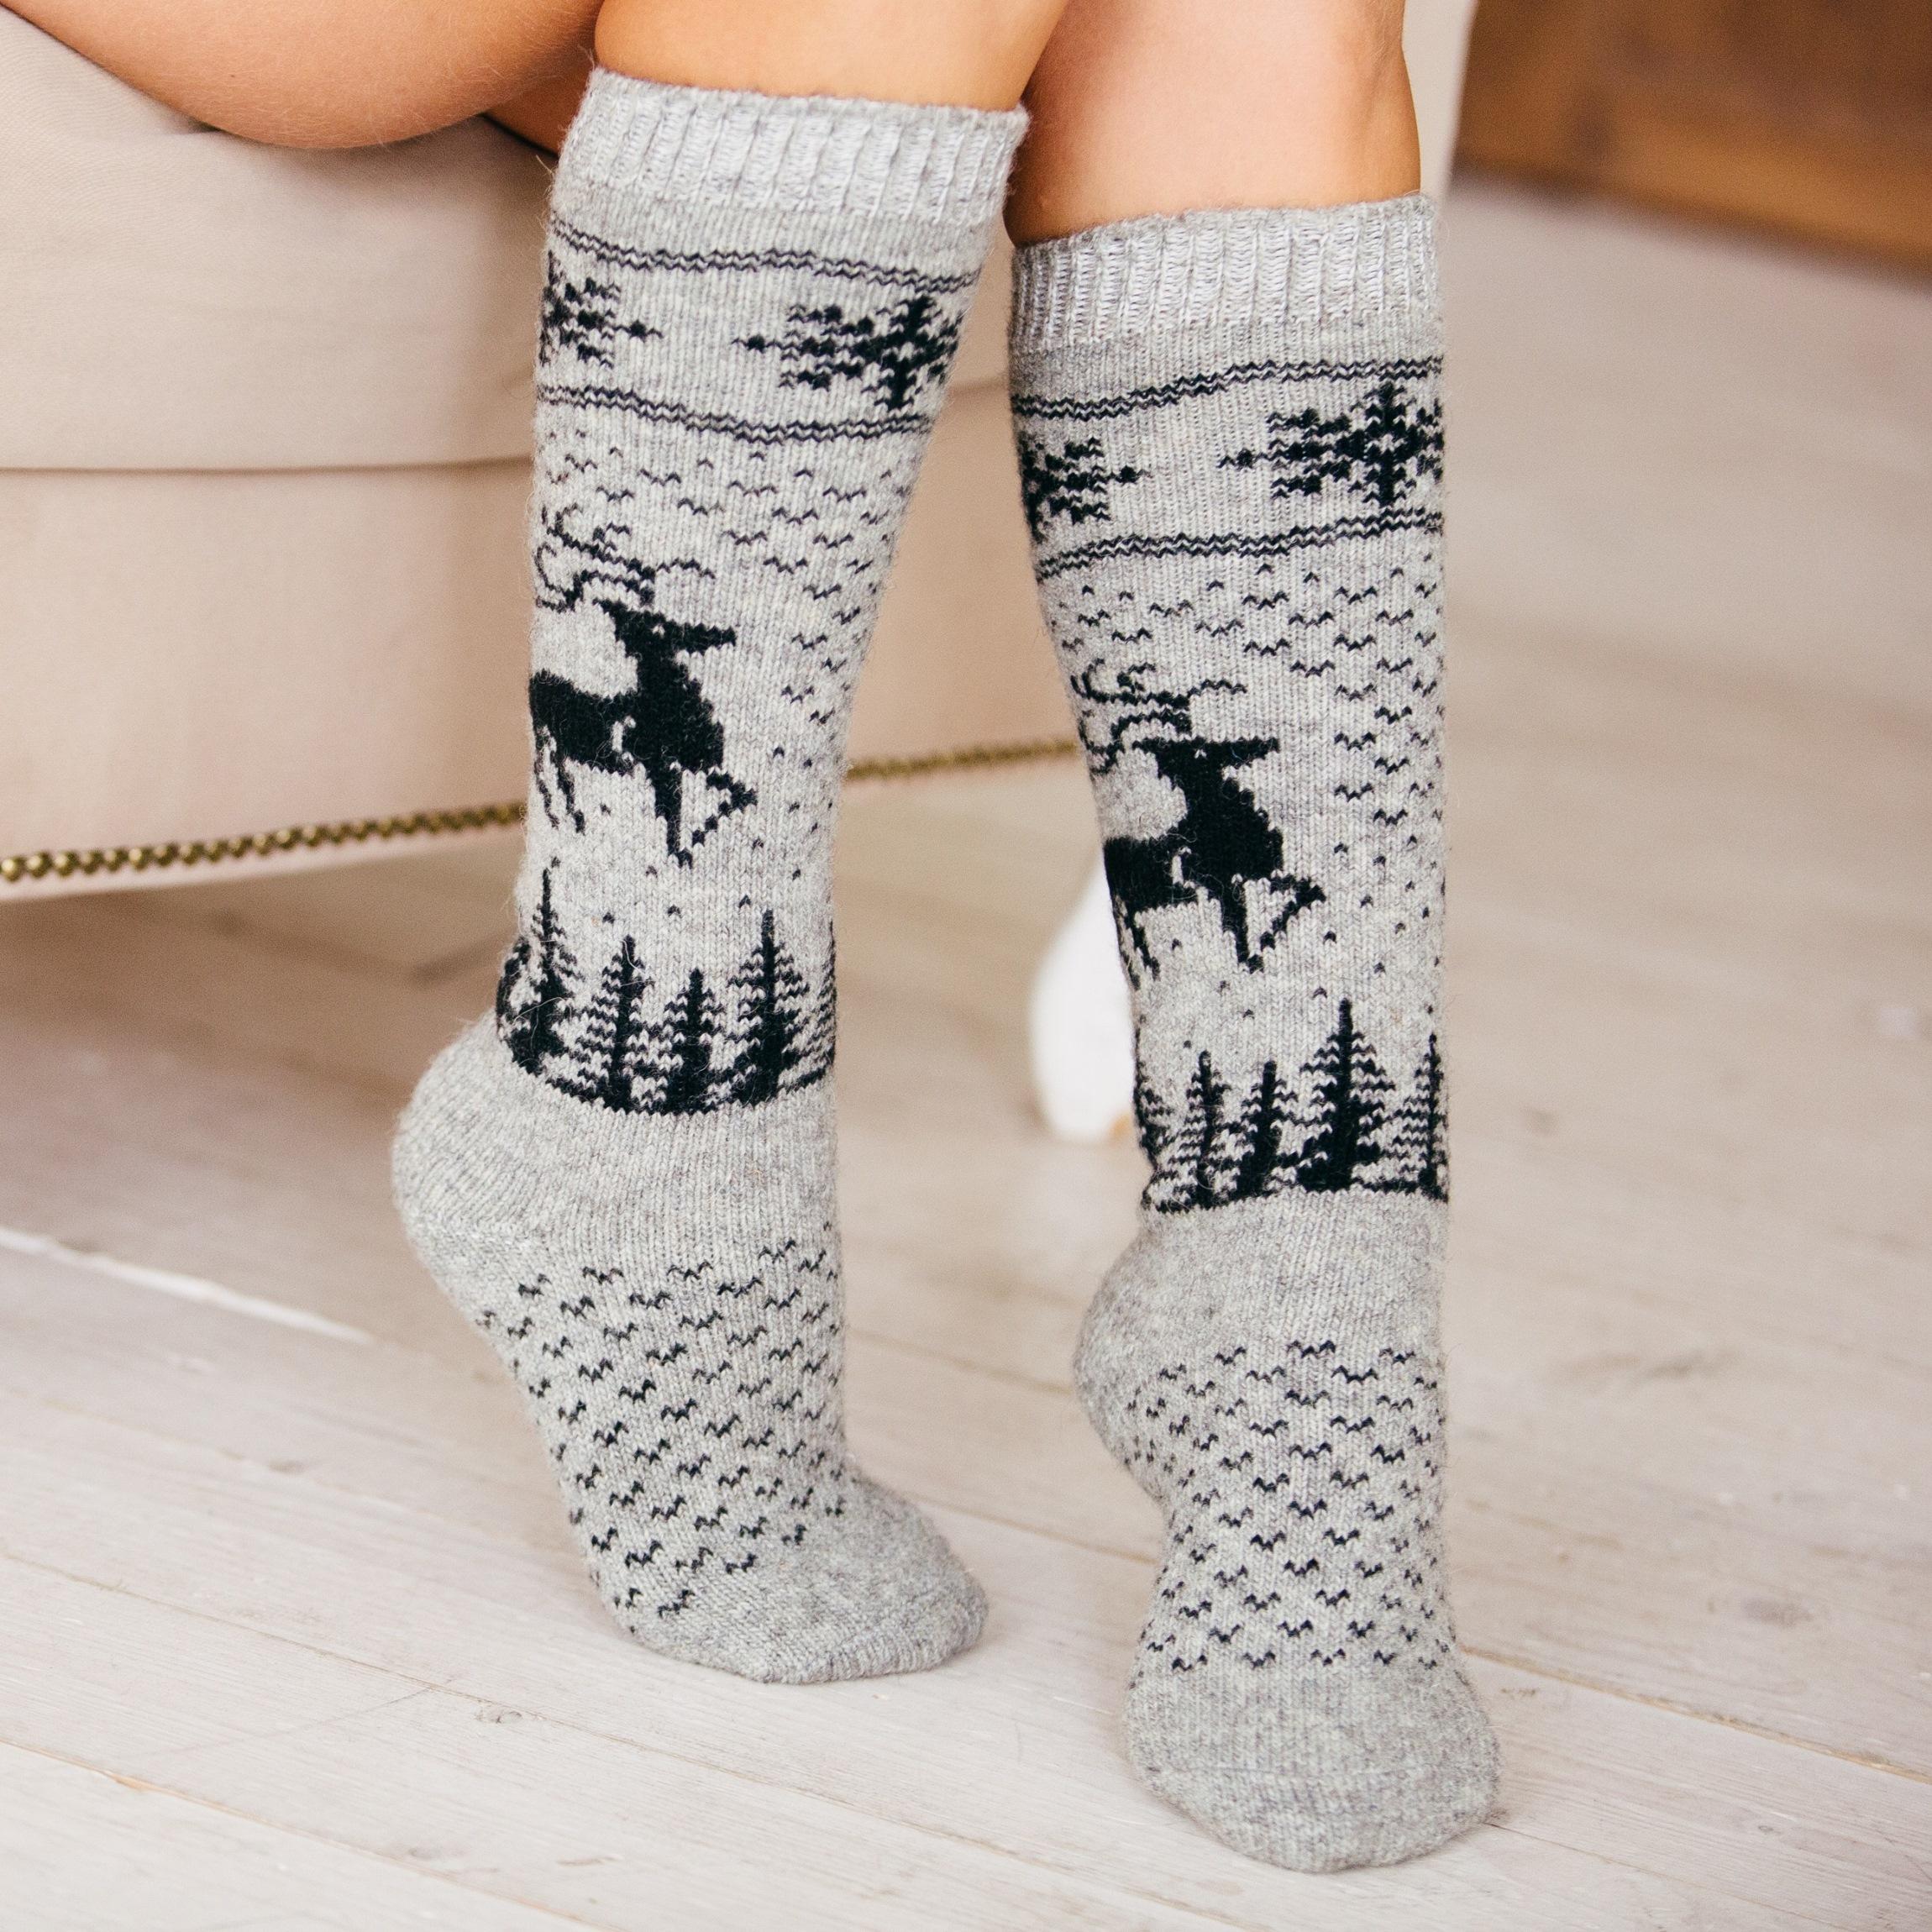 Мужские шерстяные носки с орнаментом 312-370485 купить в интернет ... | 2300x2300